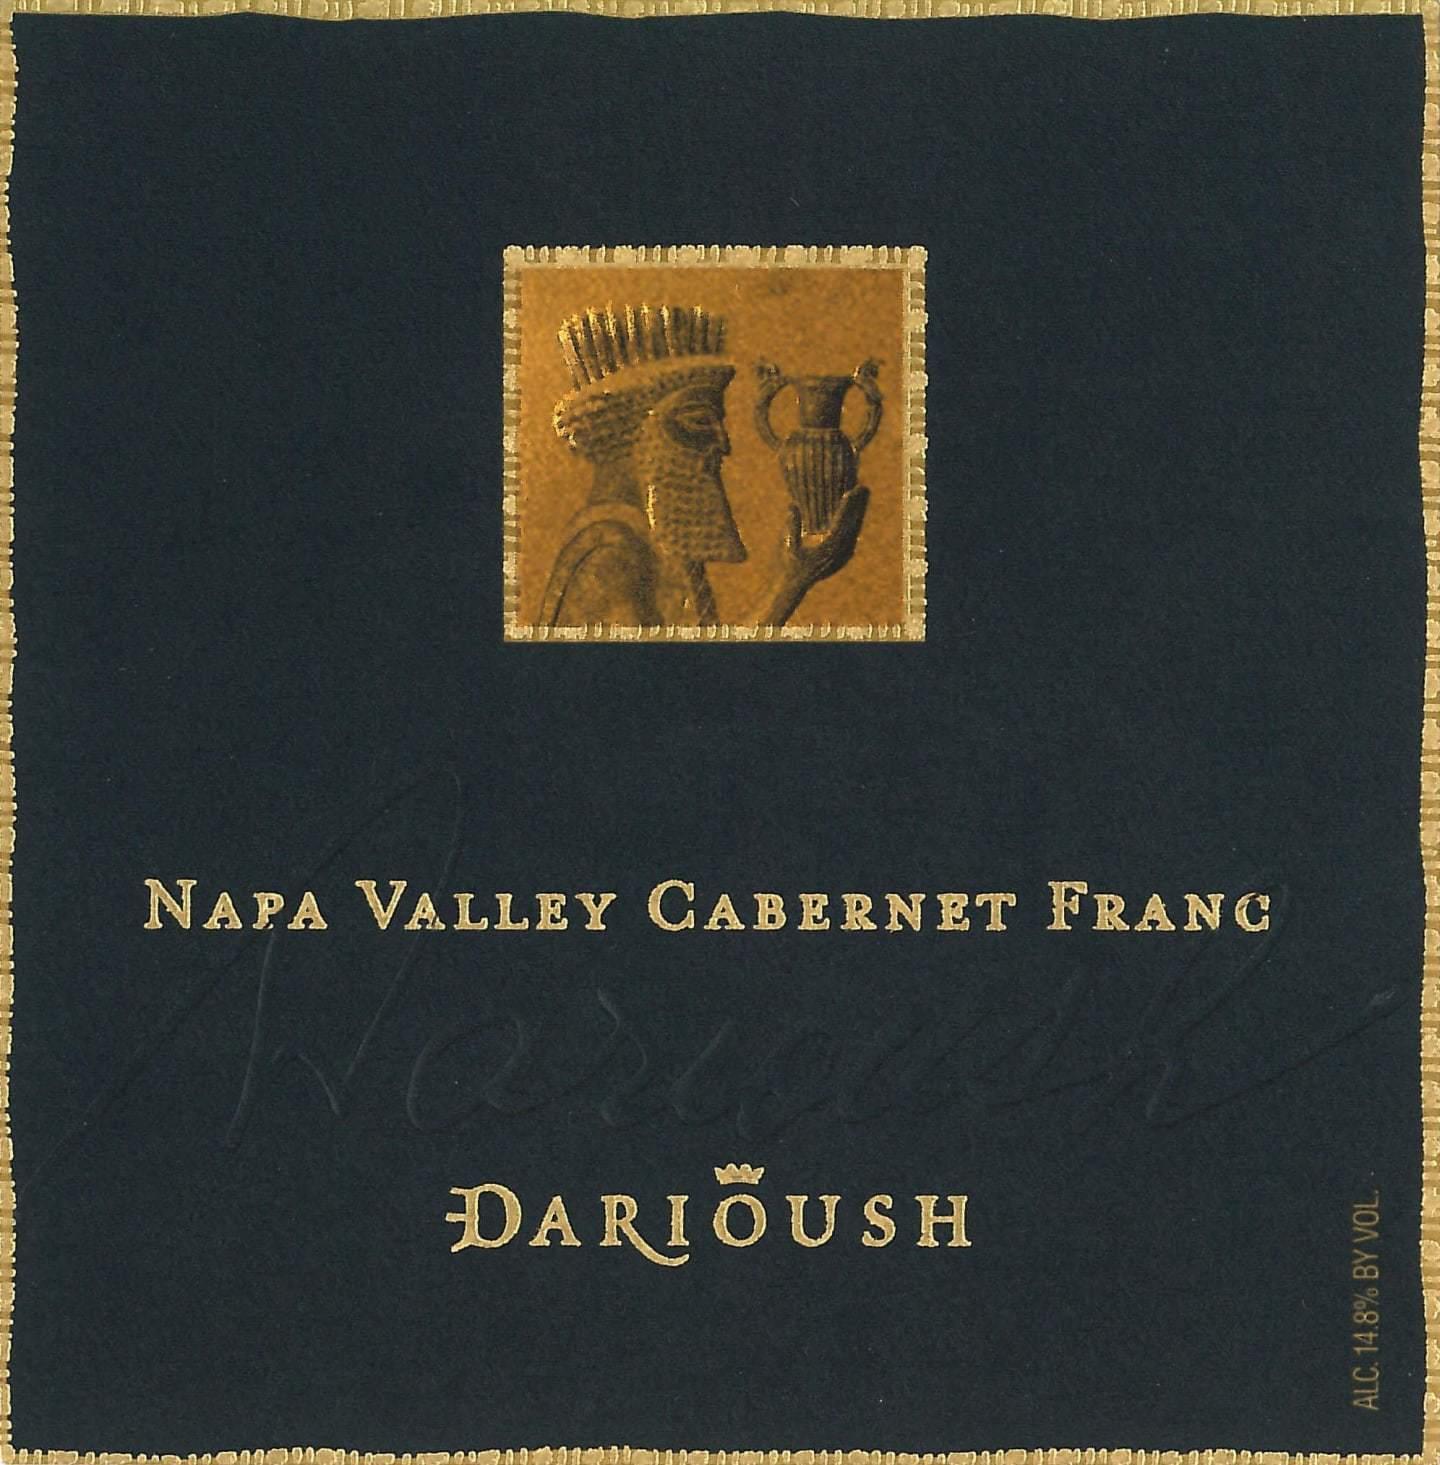 Darioush Cab Franc